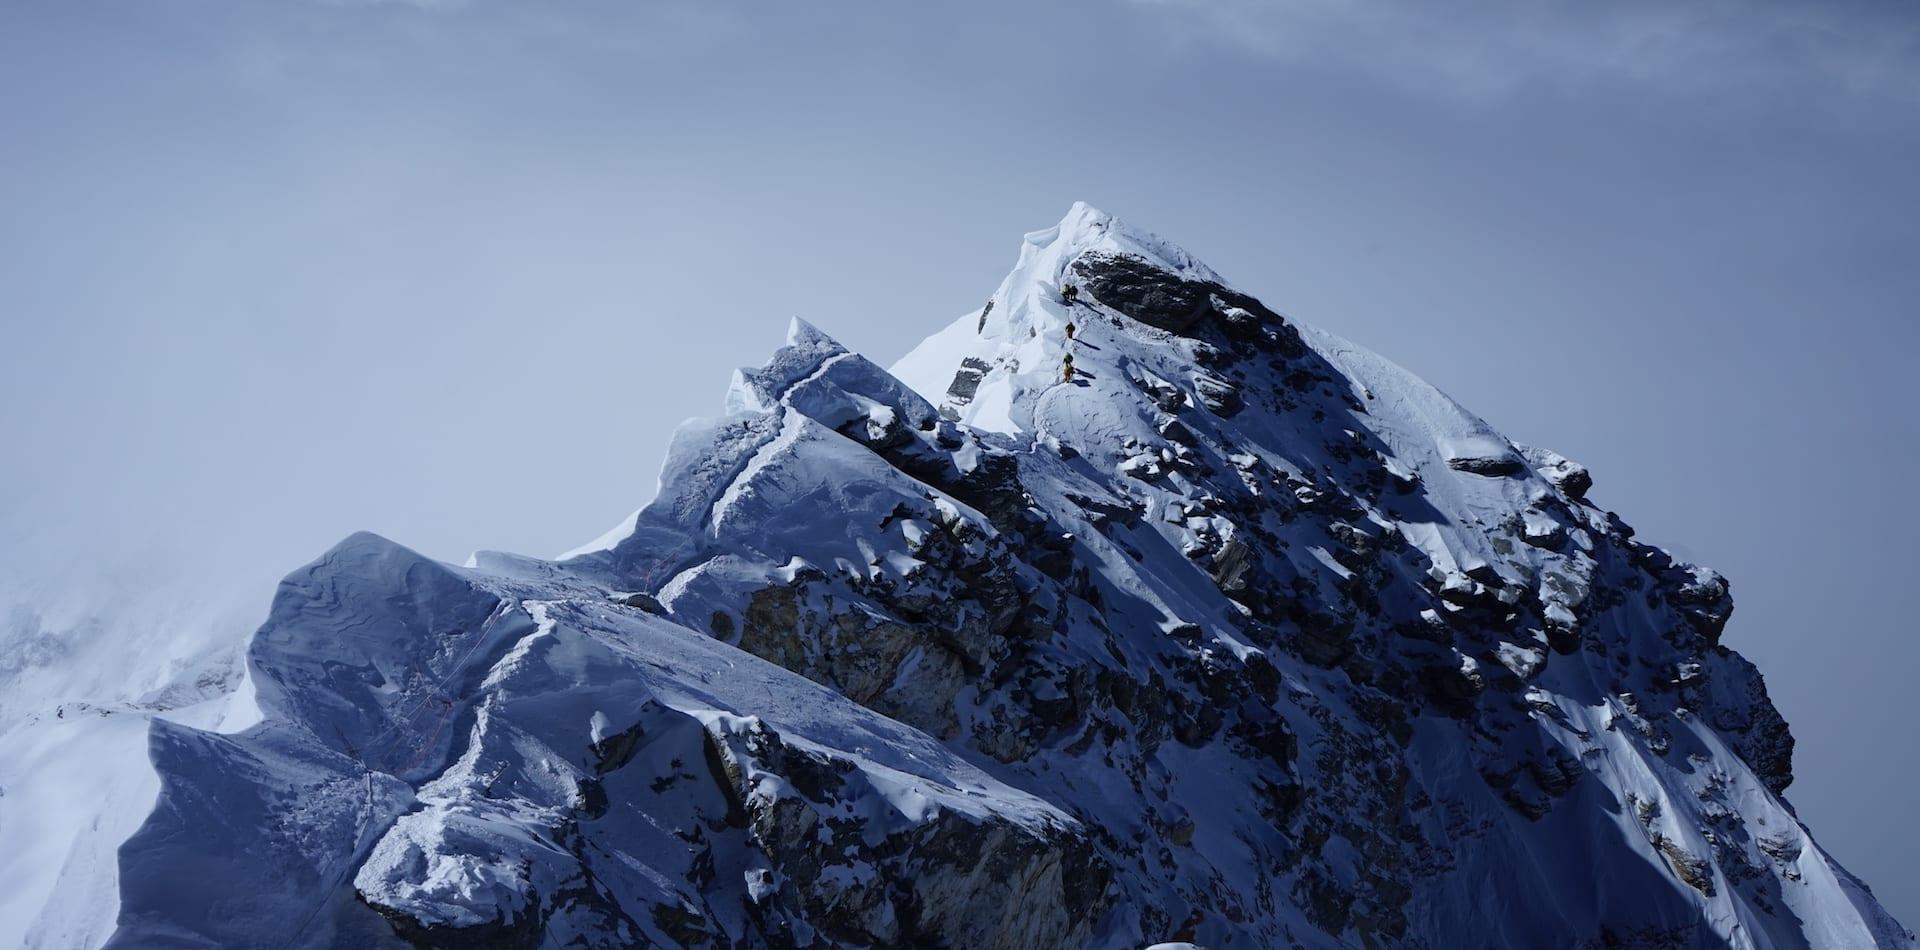 Everest summit reach